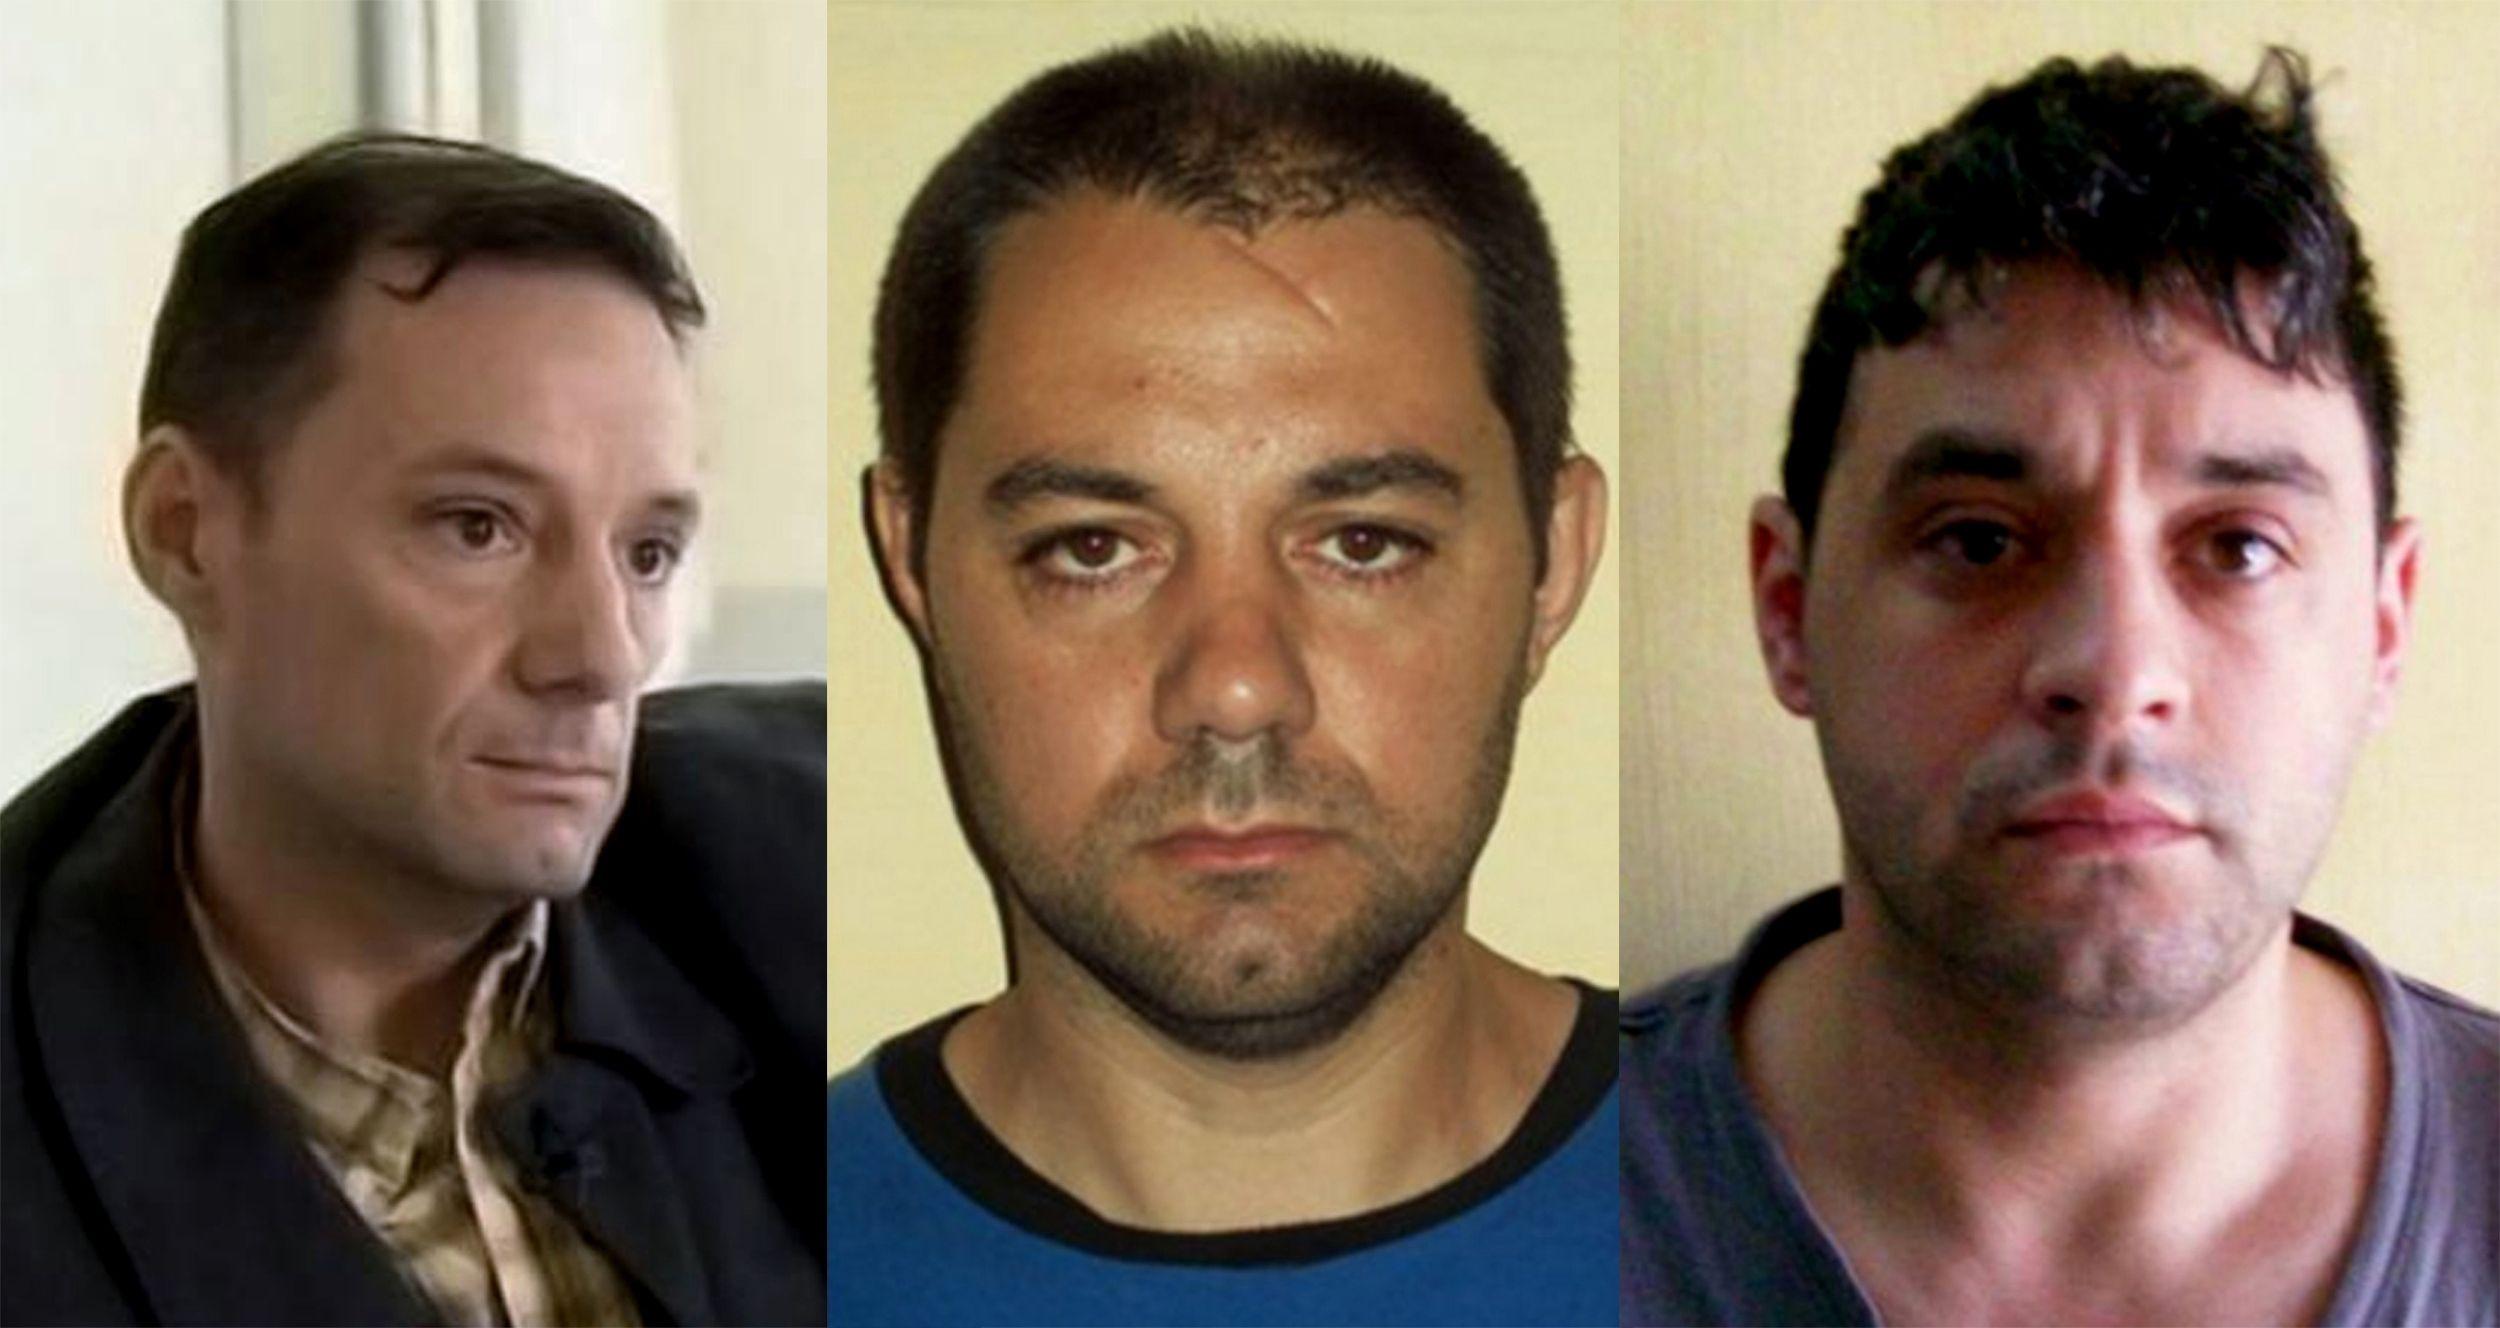 El trío de maleantes escapó de la cárcel de General Alvear el 27 de diciembre.